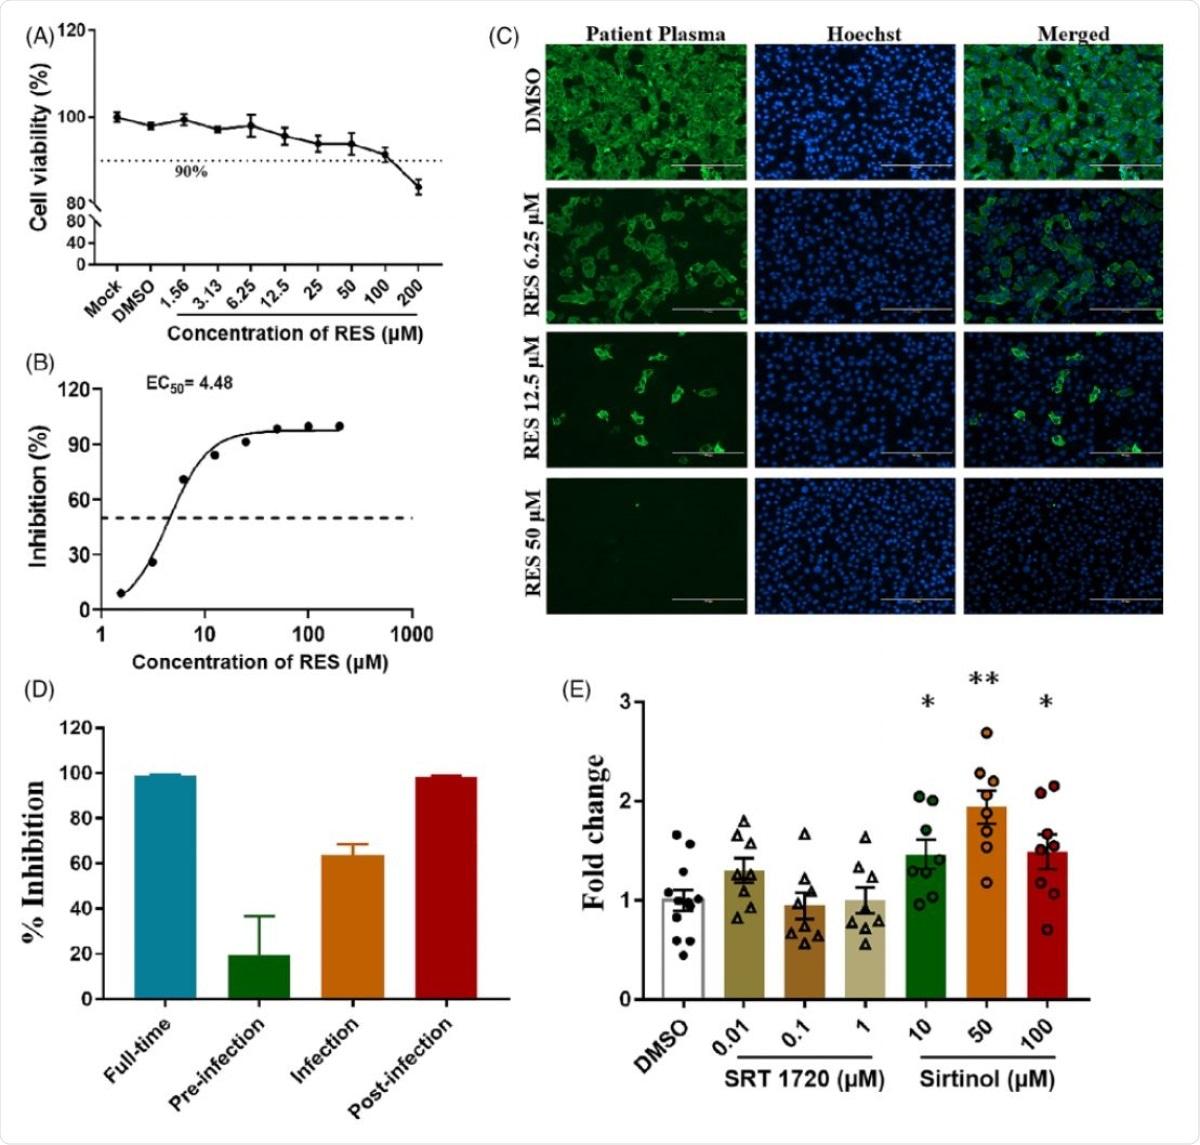 Effetti del resveratrolo sulla replicazione di SARS-CoV-2 in colture cellulari Vero. (a) Curva dose-reattiva di RES sulla sopravvivenza cellulare per testare la sua potenziale citotossicità, la concentrazione di DMSO era dello 0,05%. (b) L'EC50 della RES su SARS-CoV-2 in vitro. (c) Le immagini rappresentative del test di immunofluorescenza. Dopo 48 ore di incubazione con virus e RES, le cellule sono state fissate e quindi sondate con plasma del paziente COVID-19 come anticorpo primario, successivamente utilizzando IgG antiumante di capra marcato con Alexa 488 (1: 2.000; Thermo) come anticorpo secondario. I nuclei sono stati colorati con Hoechst 33342. Barra della scala = 200 µm. (d) Diversi regimi di trattamento RES sul tasso inibitorio della replicazione di SARS-CoV-2. Tempo pieno: cellule Vero pretrattate con 50 µM RES per 2 ore, poi RES e virus con una molteplicità di infezione di 0,01 (il titolo del virus di questo studio era 1. 08 × 105 TCID50 / ml) sono stati aggiunti simultaneamente nelle cellule per 1 ora. Successivamente, la miscela di virus-RES è stata rimossa e le cellule sono state coltivate con un terreno contenente 50 µMRES per 48 ore di trattamento pre-infezione: 50 µM di RES sono stati aggiunti alle cellule solo per 2 ore, rimosso e aggiunto virus per 1 ora, quindi rimosso il virus e continuamente coltivato con terreno fresco per 48 ore. Esperimento di co-infezione: RES e virus sono stati aggiunti simultaneamente nelle cellule per 1 ora, lavati e sostituiti con terreno fresco per 48 ore. Trattamento post-infezione: il virus è stato aggiunto per consentire l'attaccamento per 1 ora, lavato e sostituito con terreno fresco contenente 50 µM RES per 48 ore. (e) Effetti dell'antagonista e attivatore di SIRT1 sul tasso di inibizione della replicazione di SARS-CoV-2. Dopo l'infezione da virus, sono stati aggiunti farmaci con diverse concentrazioni nel terreno di coltura per 48 ore, cambio di piega: